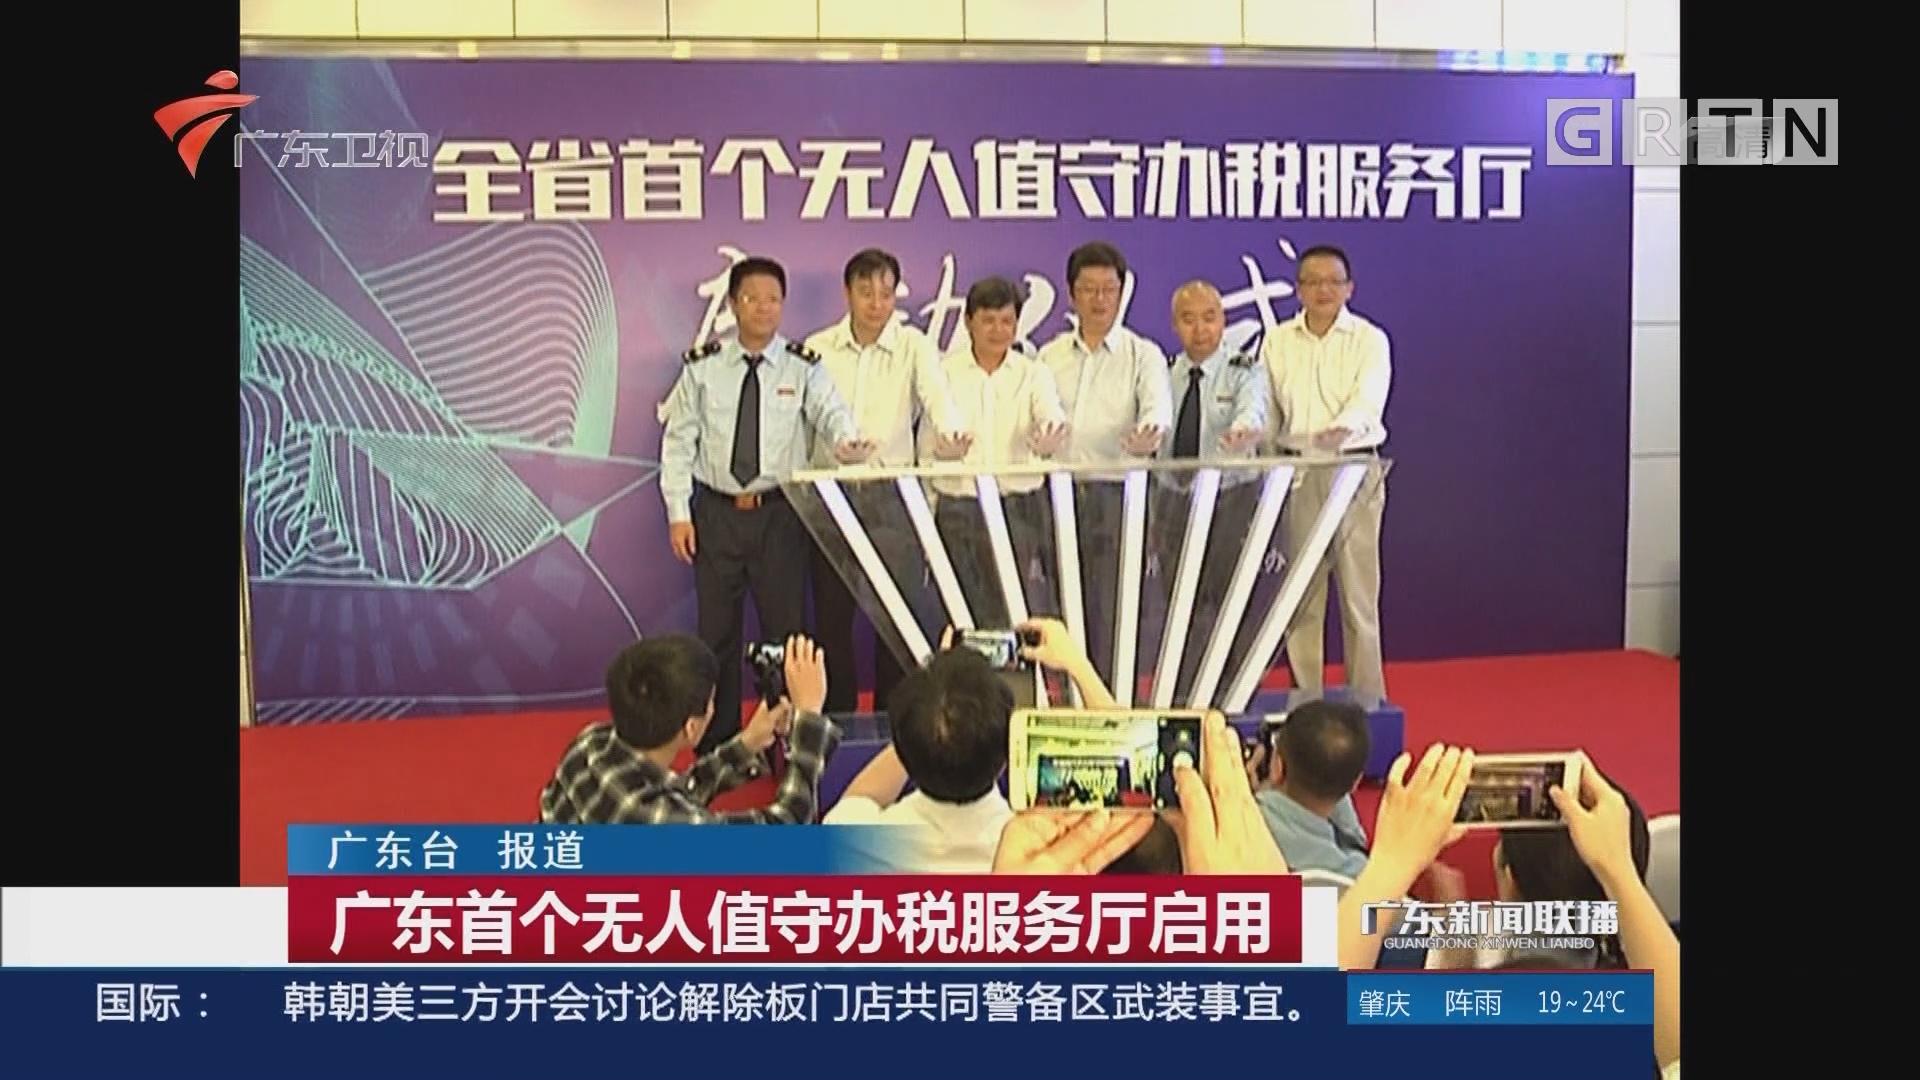 广东首个无人值守办税服务厅启用